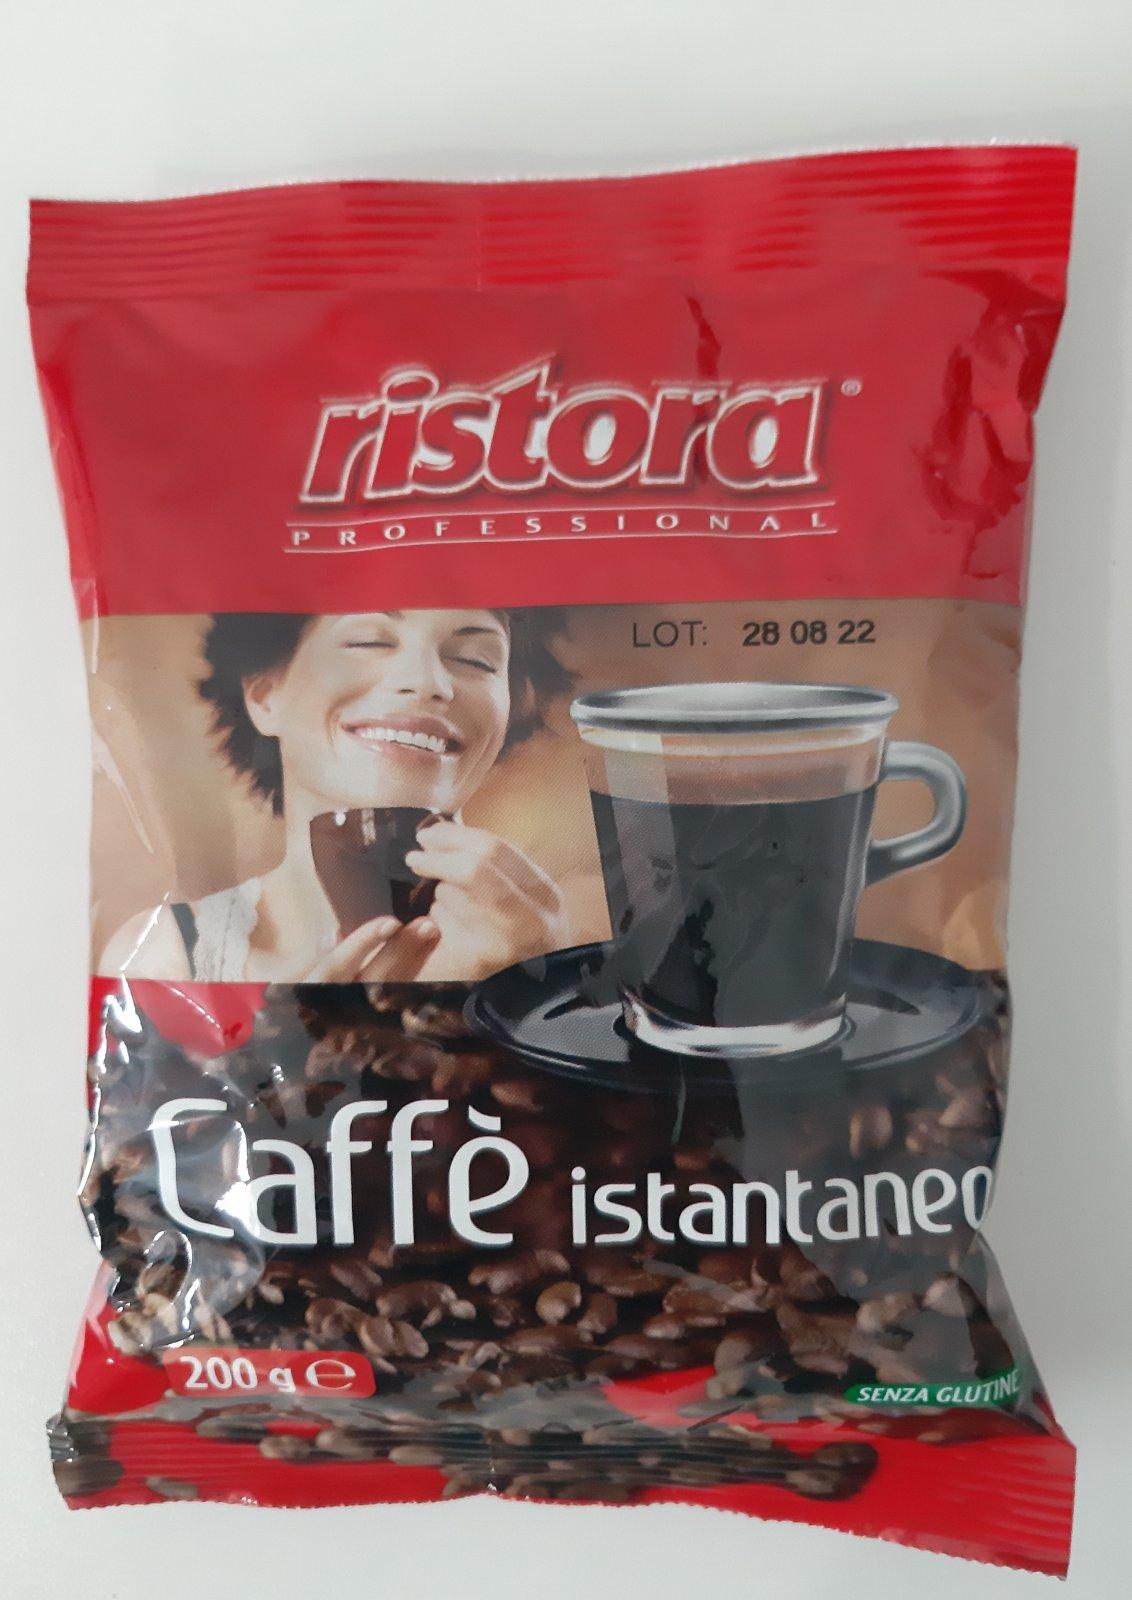 Инстант кафе Ристора Црвена ( безглутенско ) 200 гр